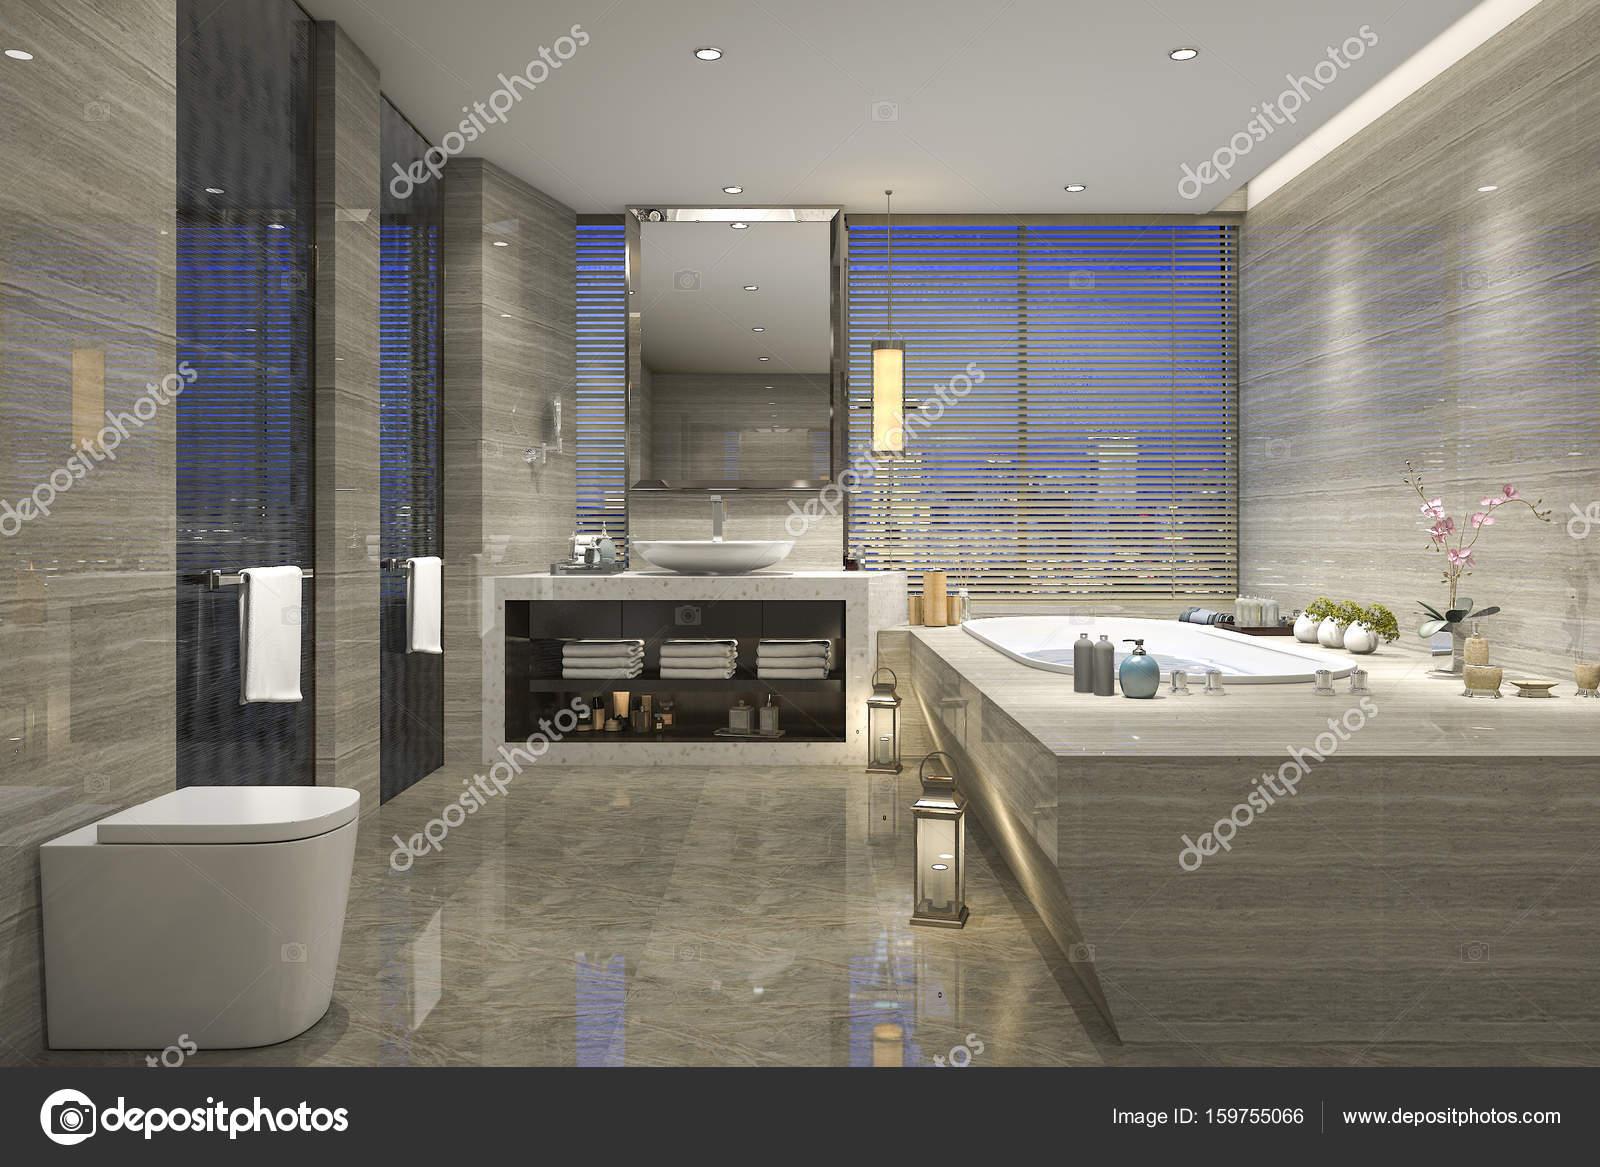 Piastrelle bagno classico moderno del rendering 3d con lusso